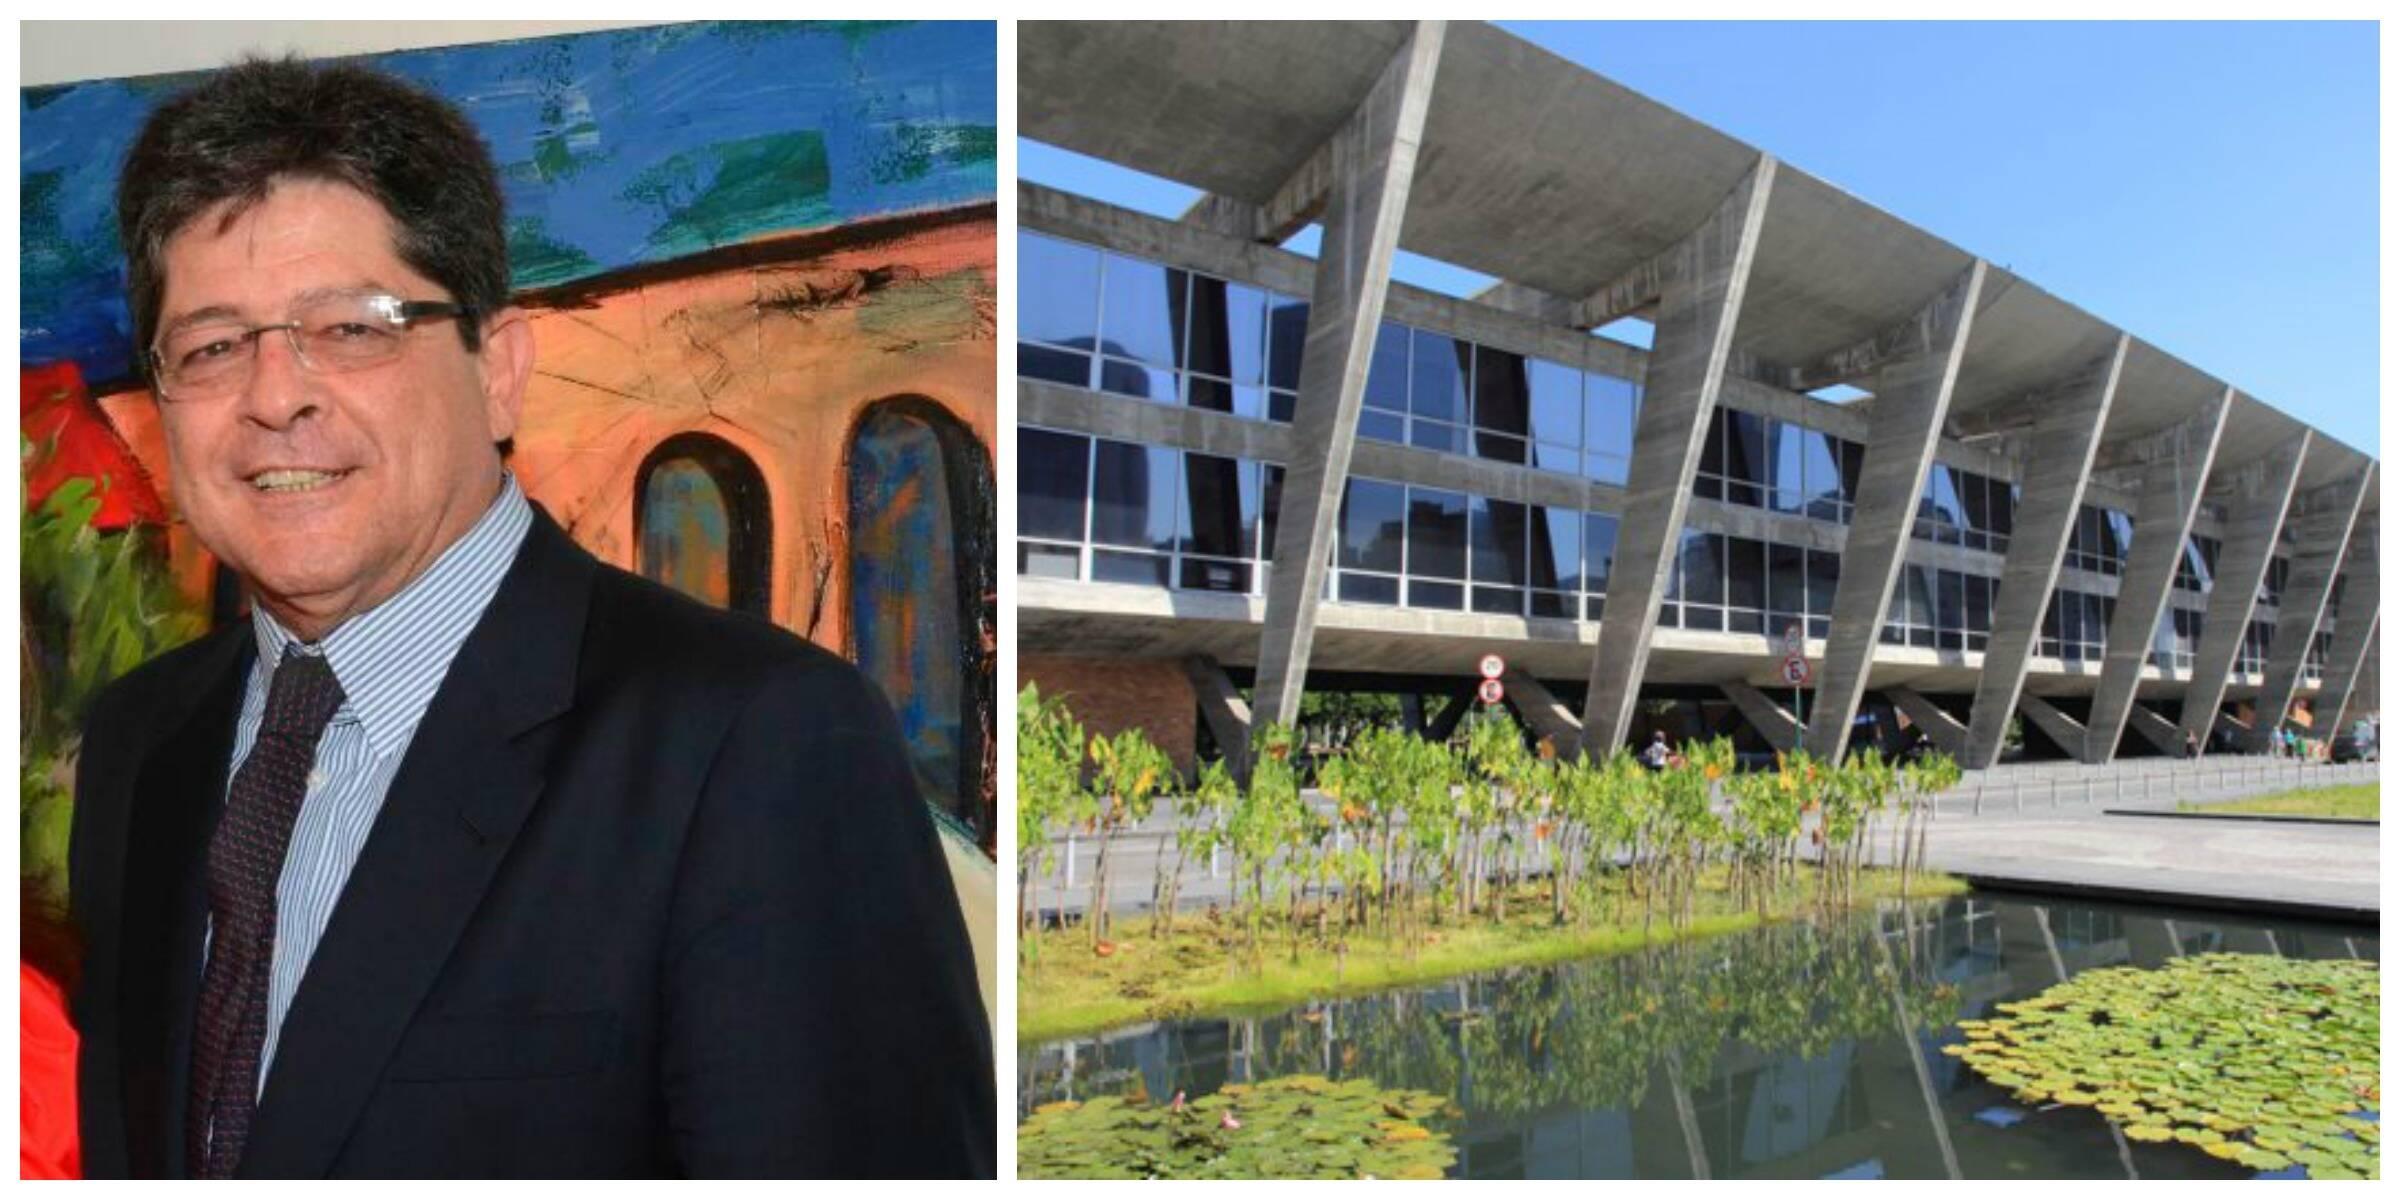 O presidente do Museu de Arte Moderna do Rio, Carlos Alberto Gouvêa Chateaubriand, apoia o projeto de dar ao design lugar de destaque na instituição / Fotos: Marco Rodrigues e divulgação